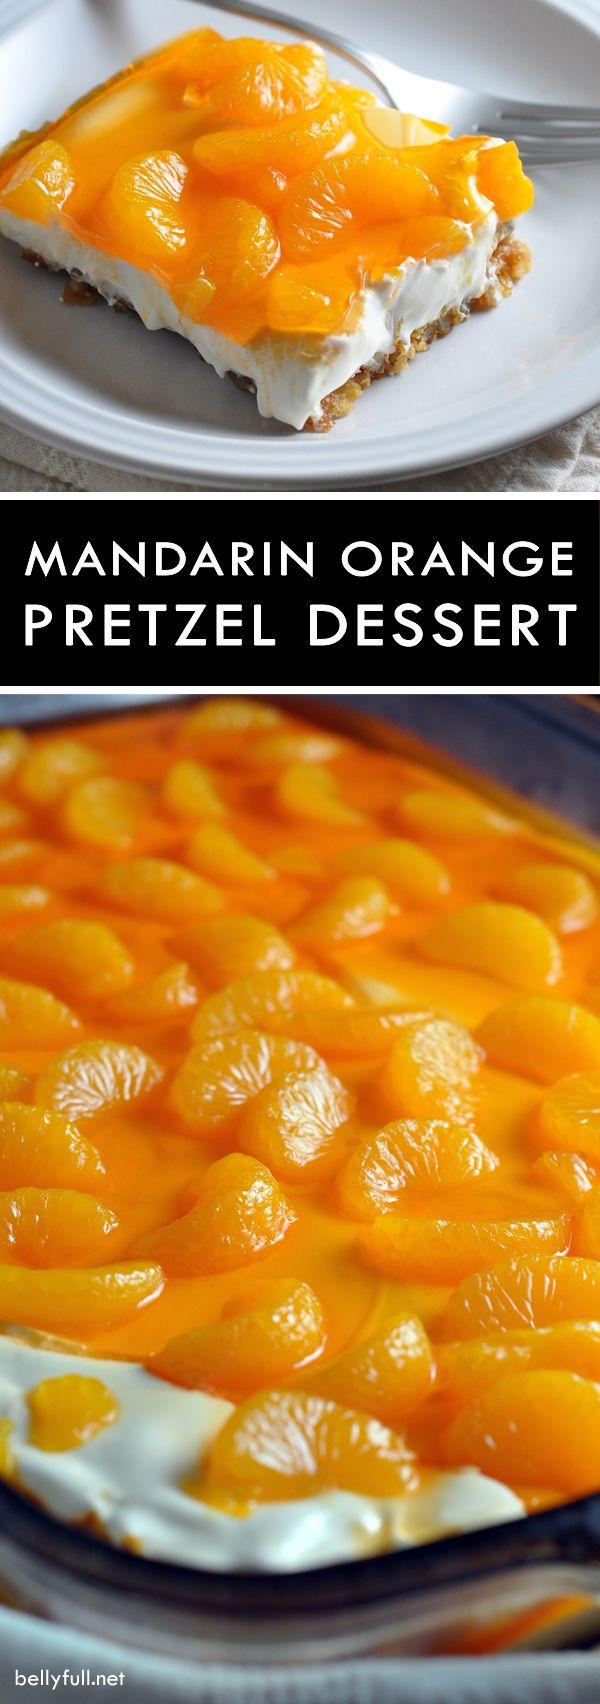 Mandarina pretzel Postre - Este postre clásico cuenta con una corteza crujiente pretzel, un centro cremoso, sedoso y la parte superior con mandarinas y gelatina con sabor a naranja.  Perfecto para un almuerzo de verano!